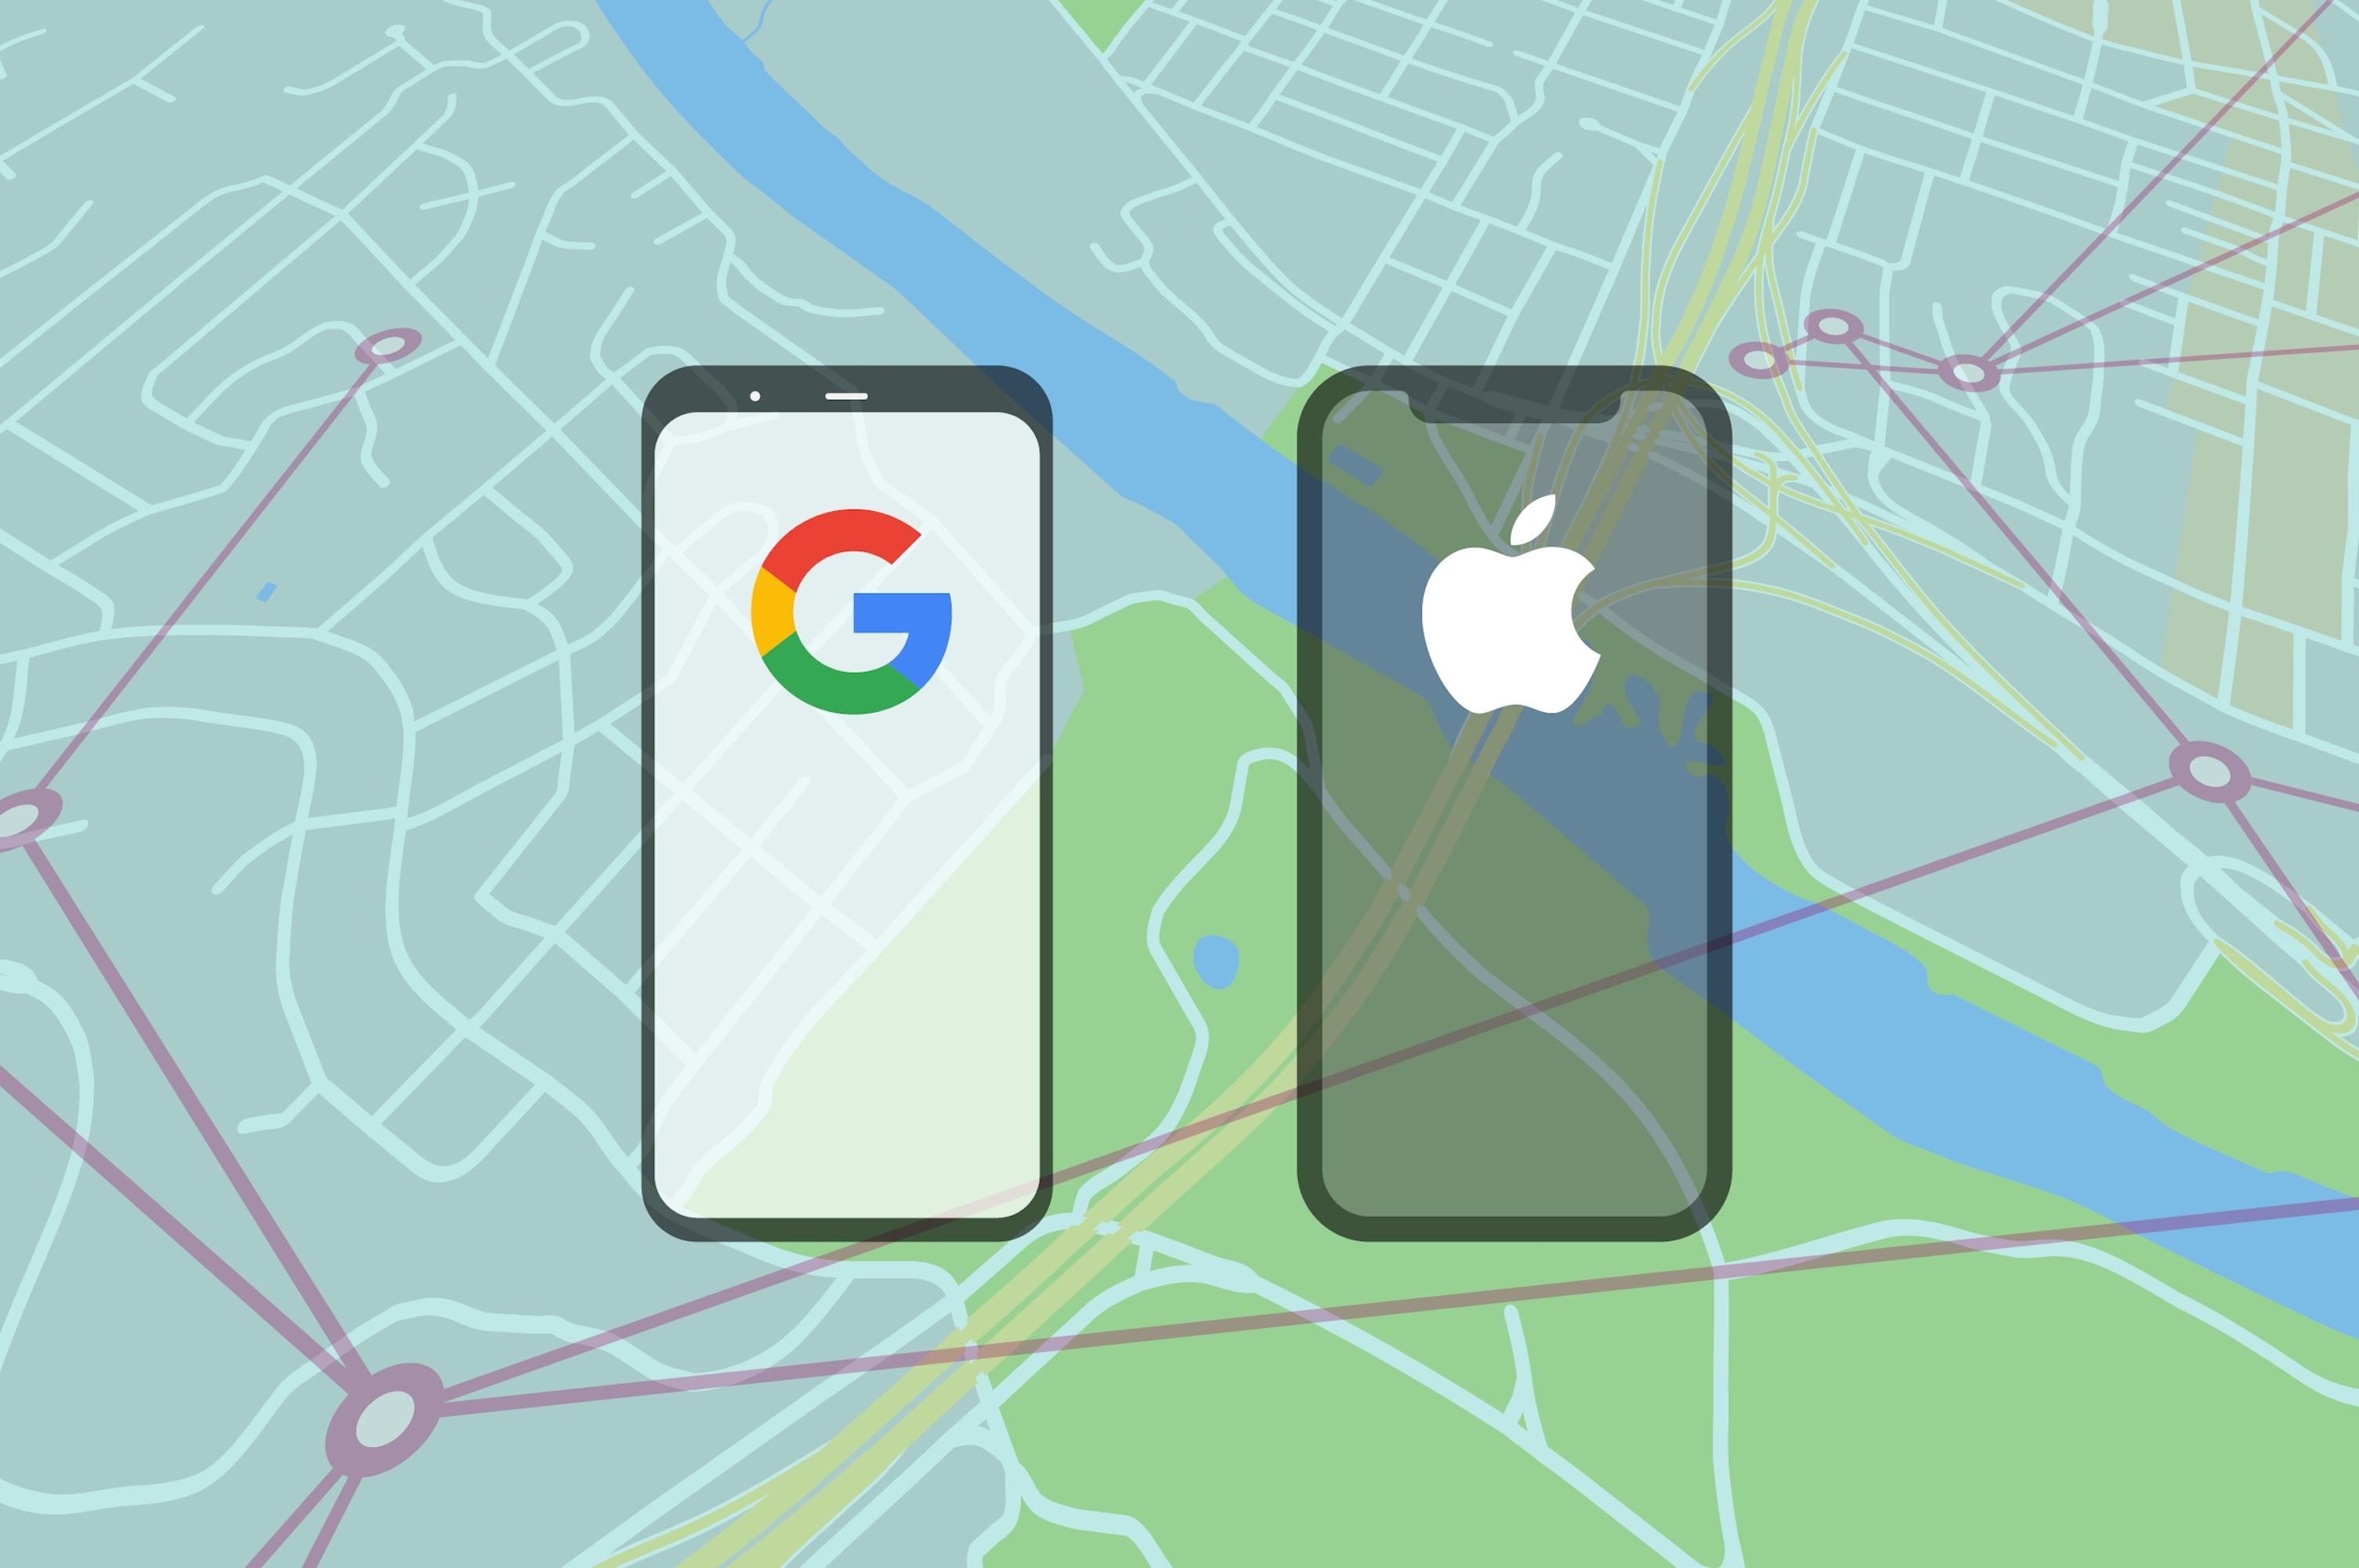 نسخه اولیه برنامه مشترک گوگل و اپل منتشر شده